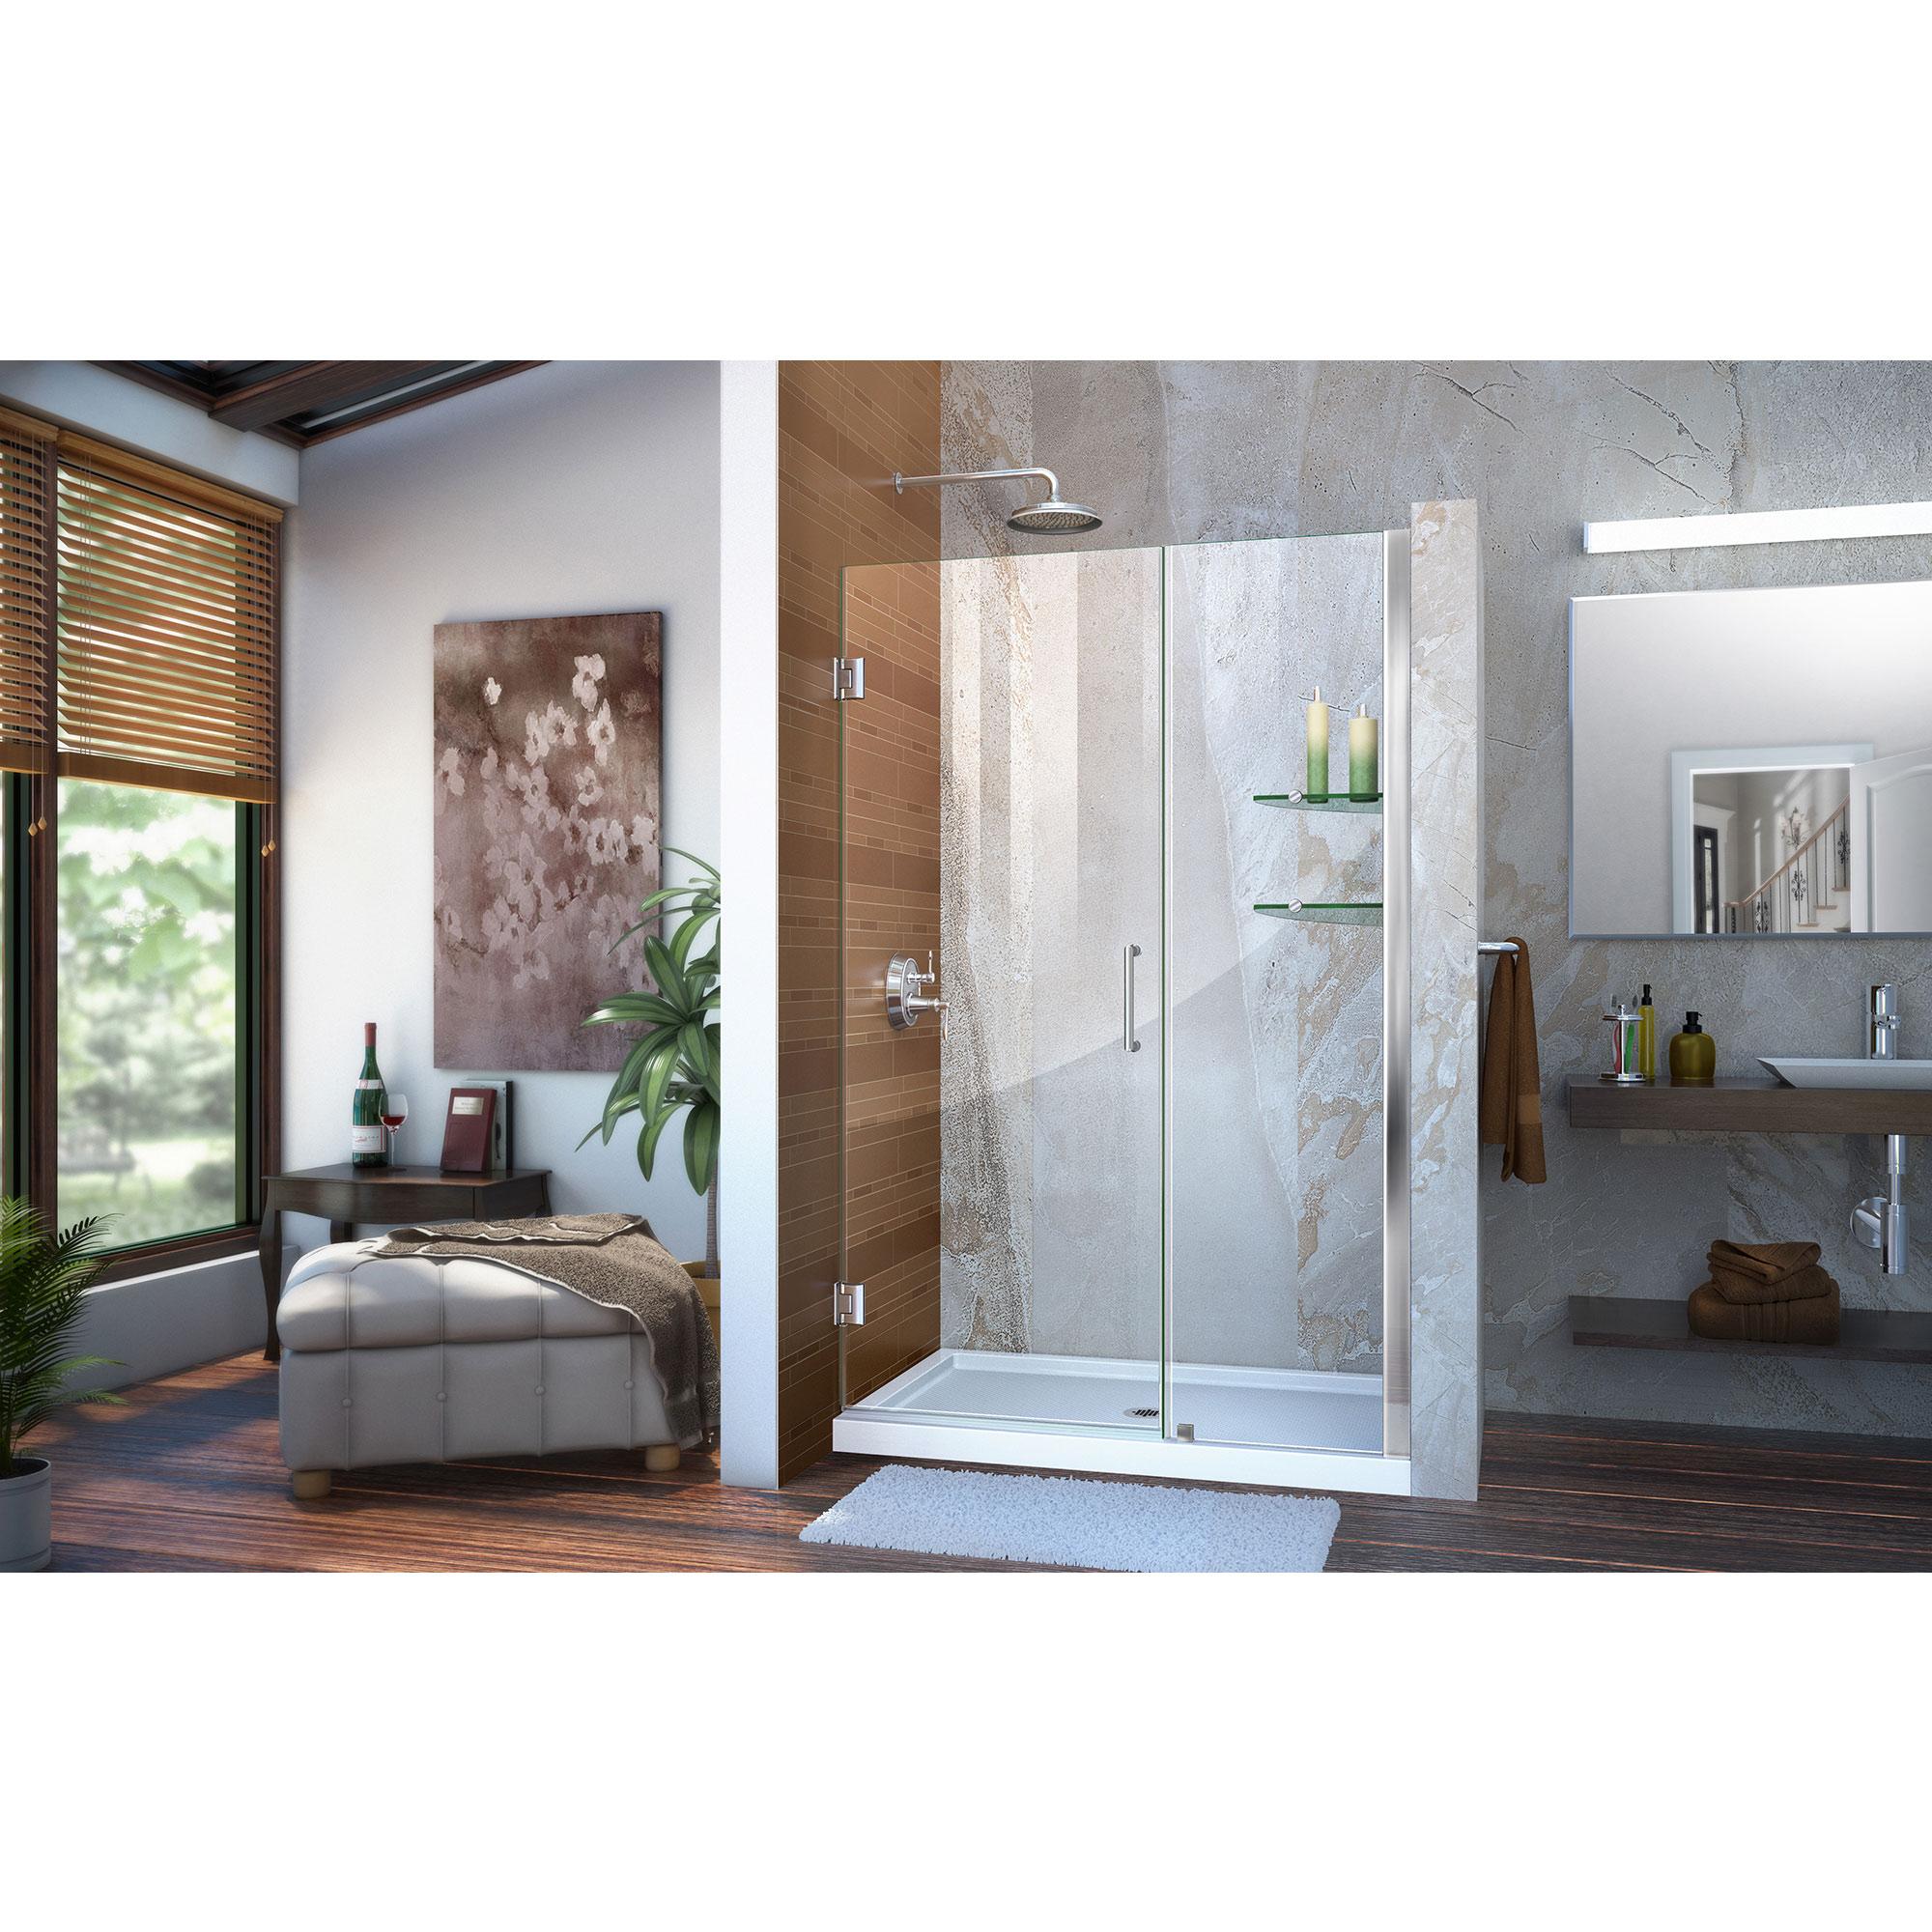 Dreamline Unidoor 45 To 46 Frameless Hinged Shower Door Ebay